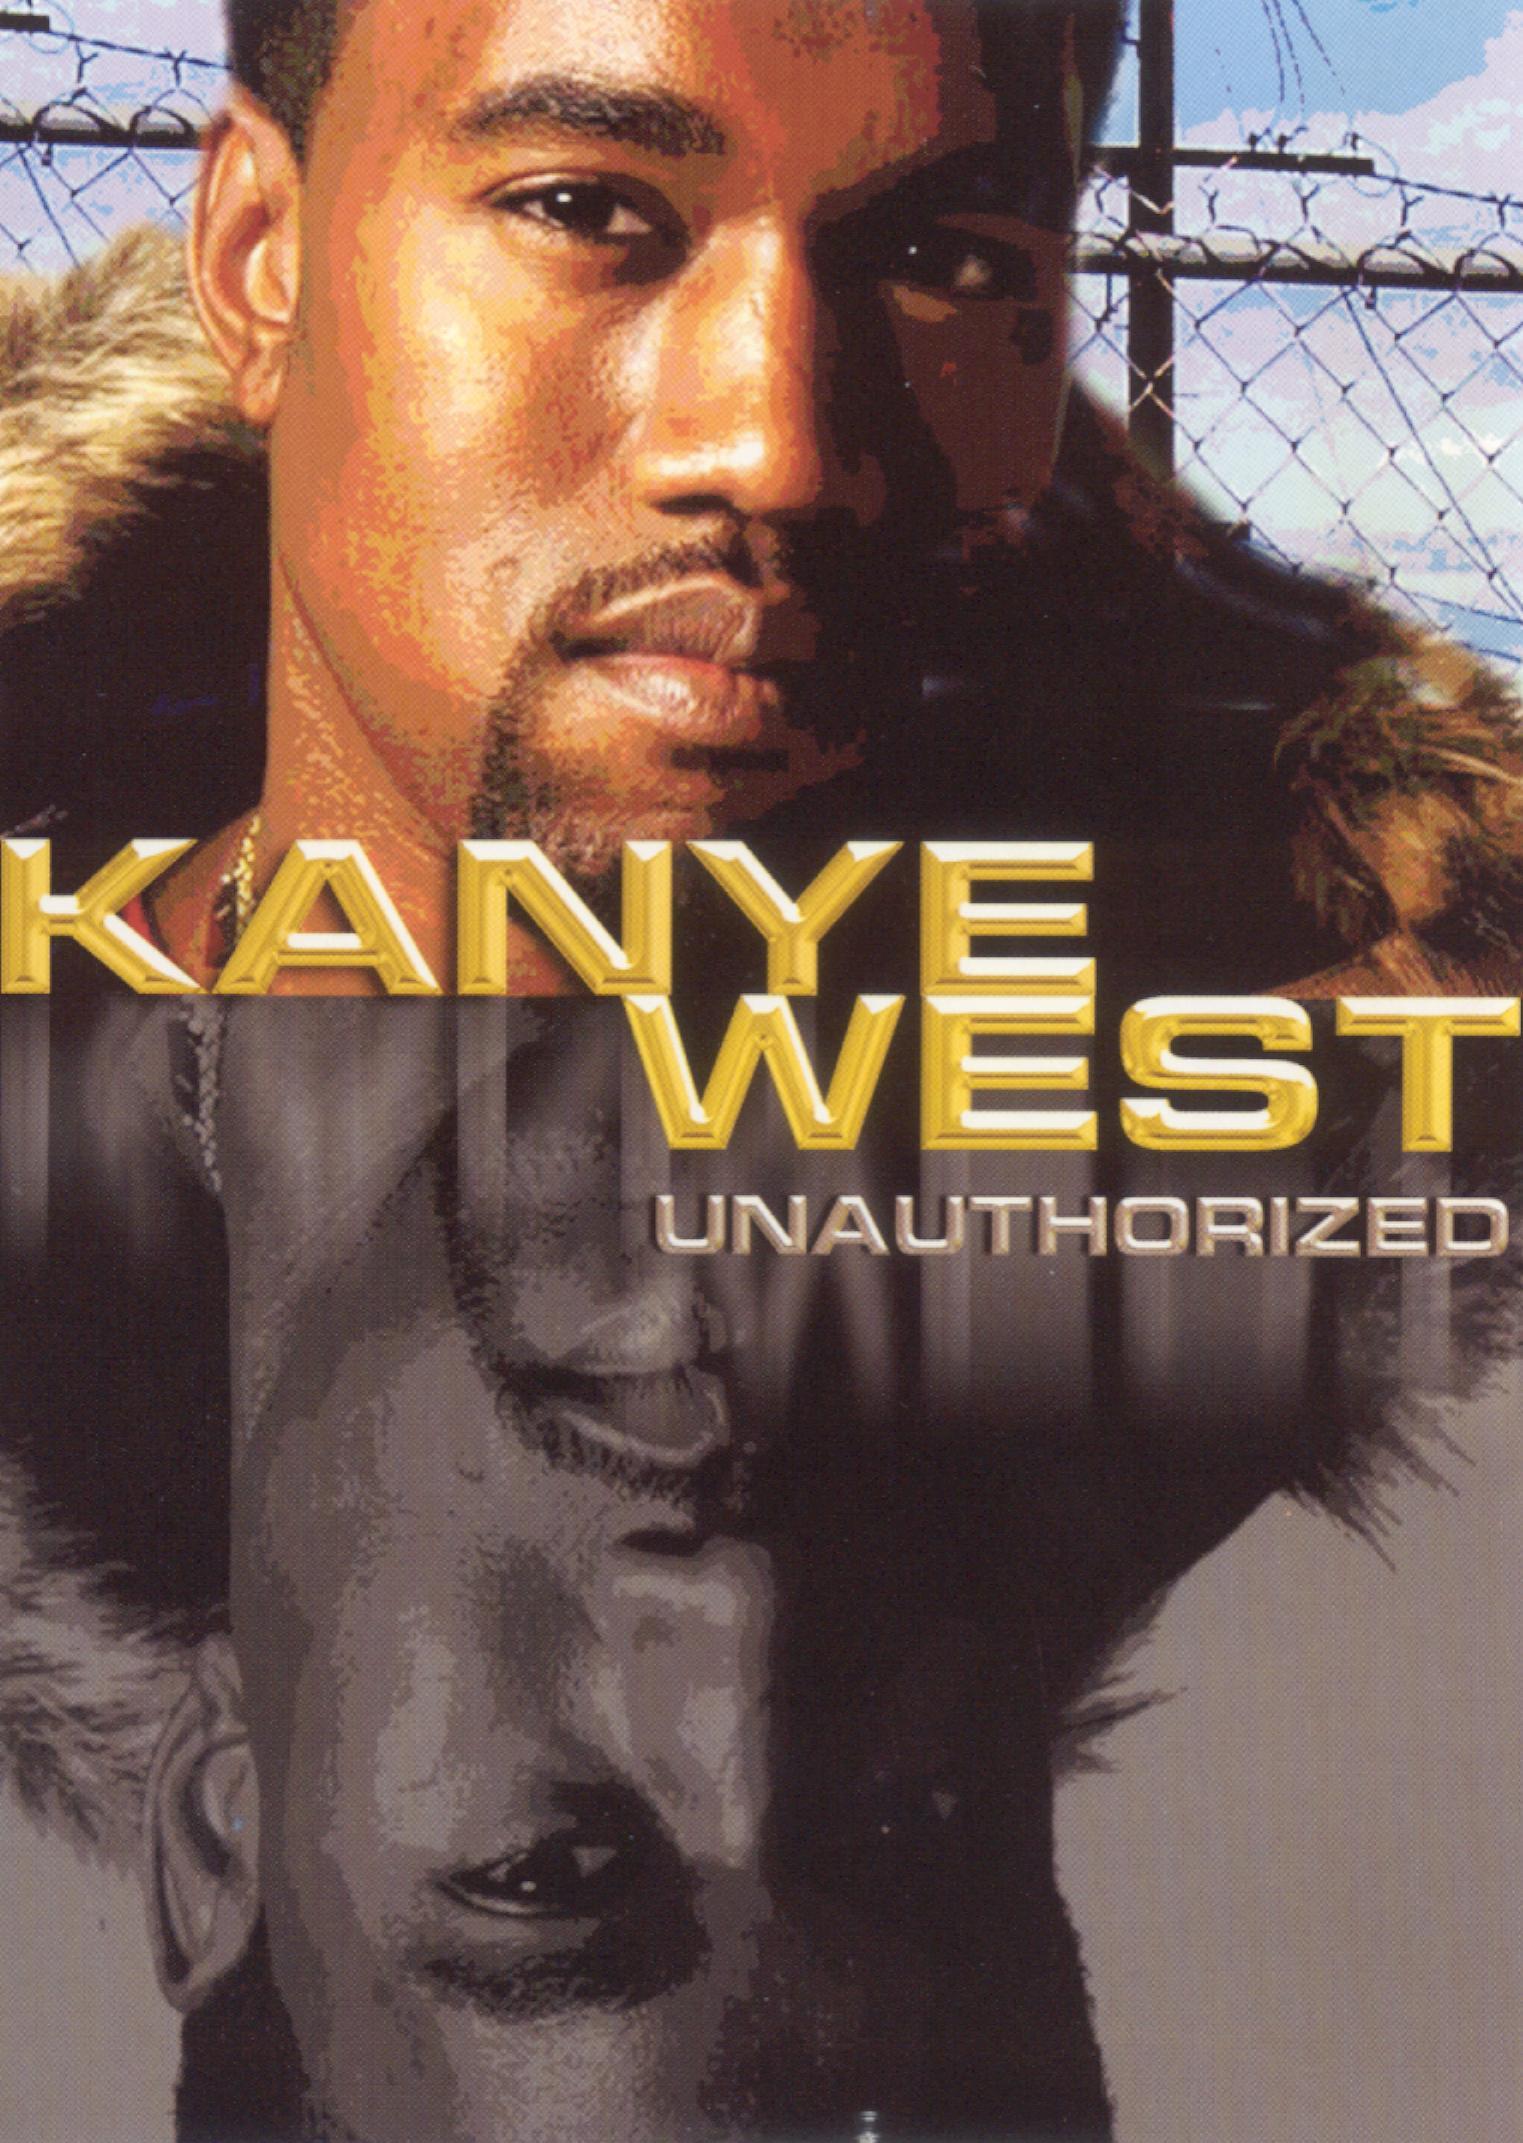 Kanye West: Unauthorized